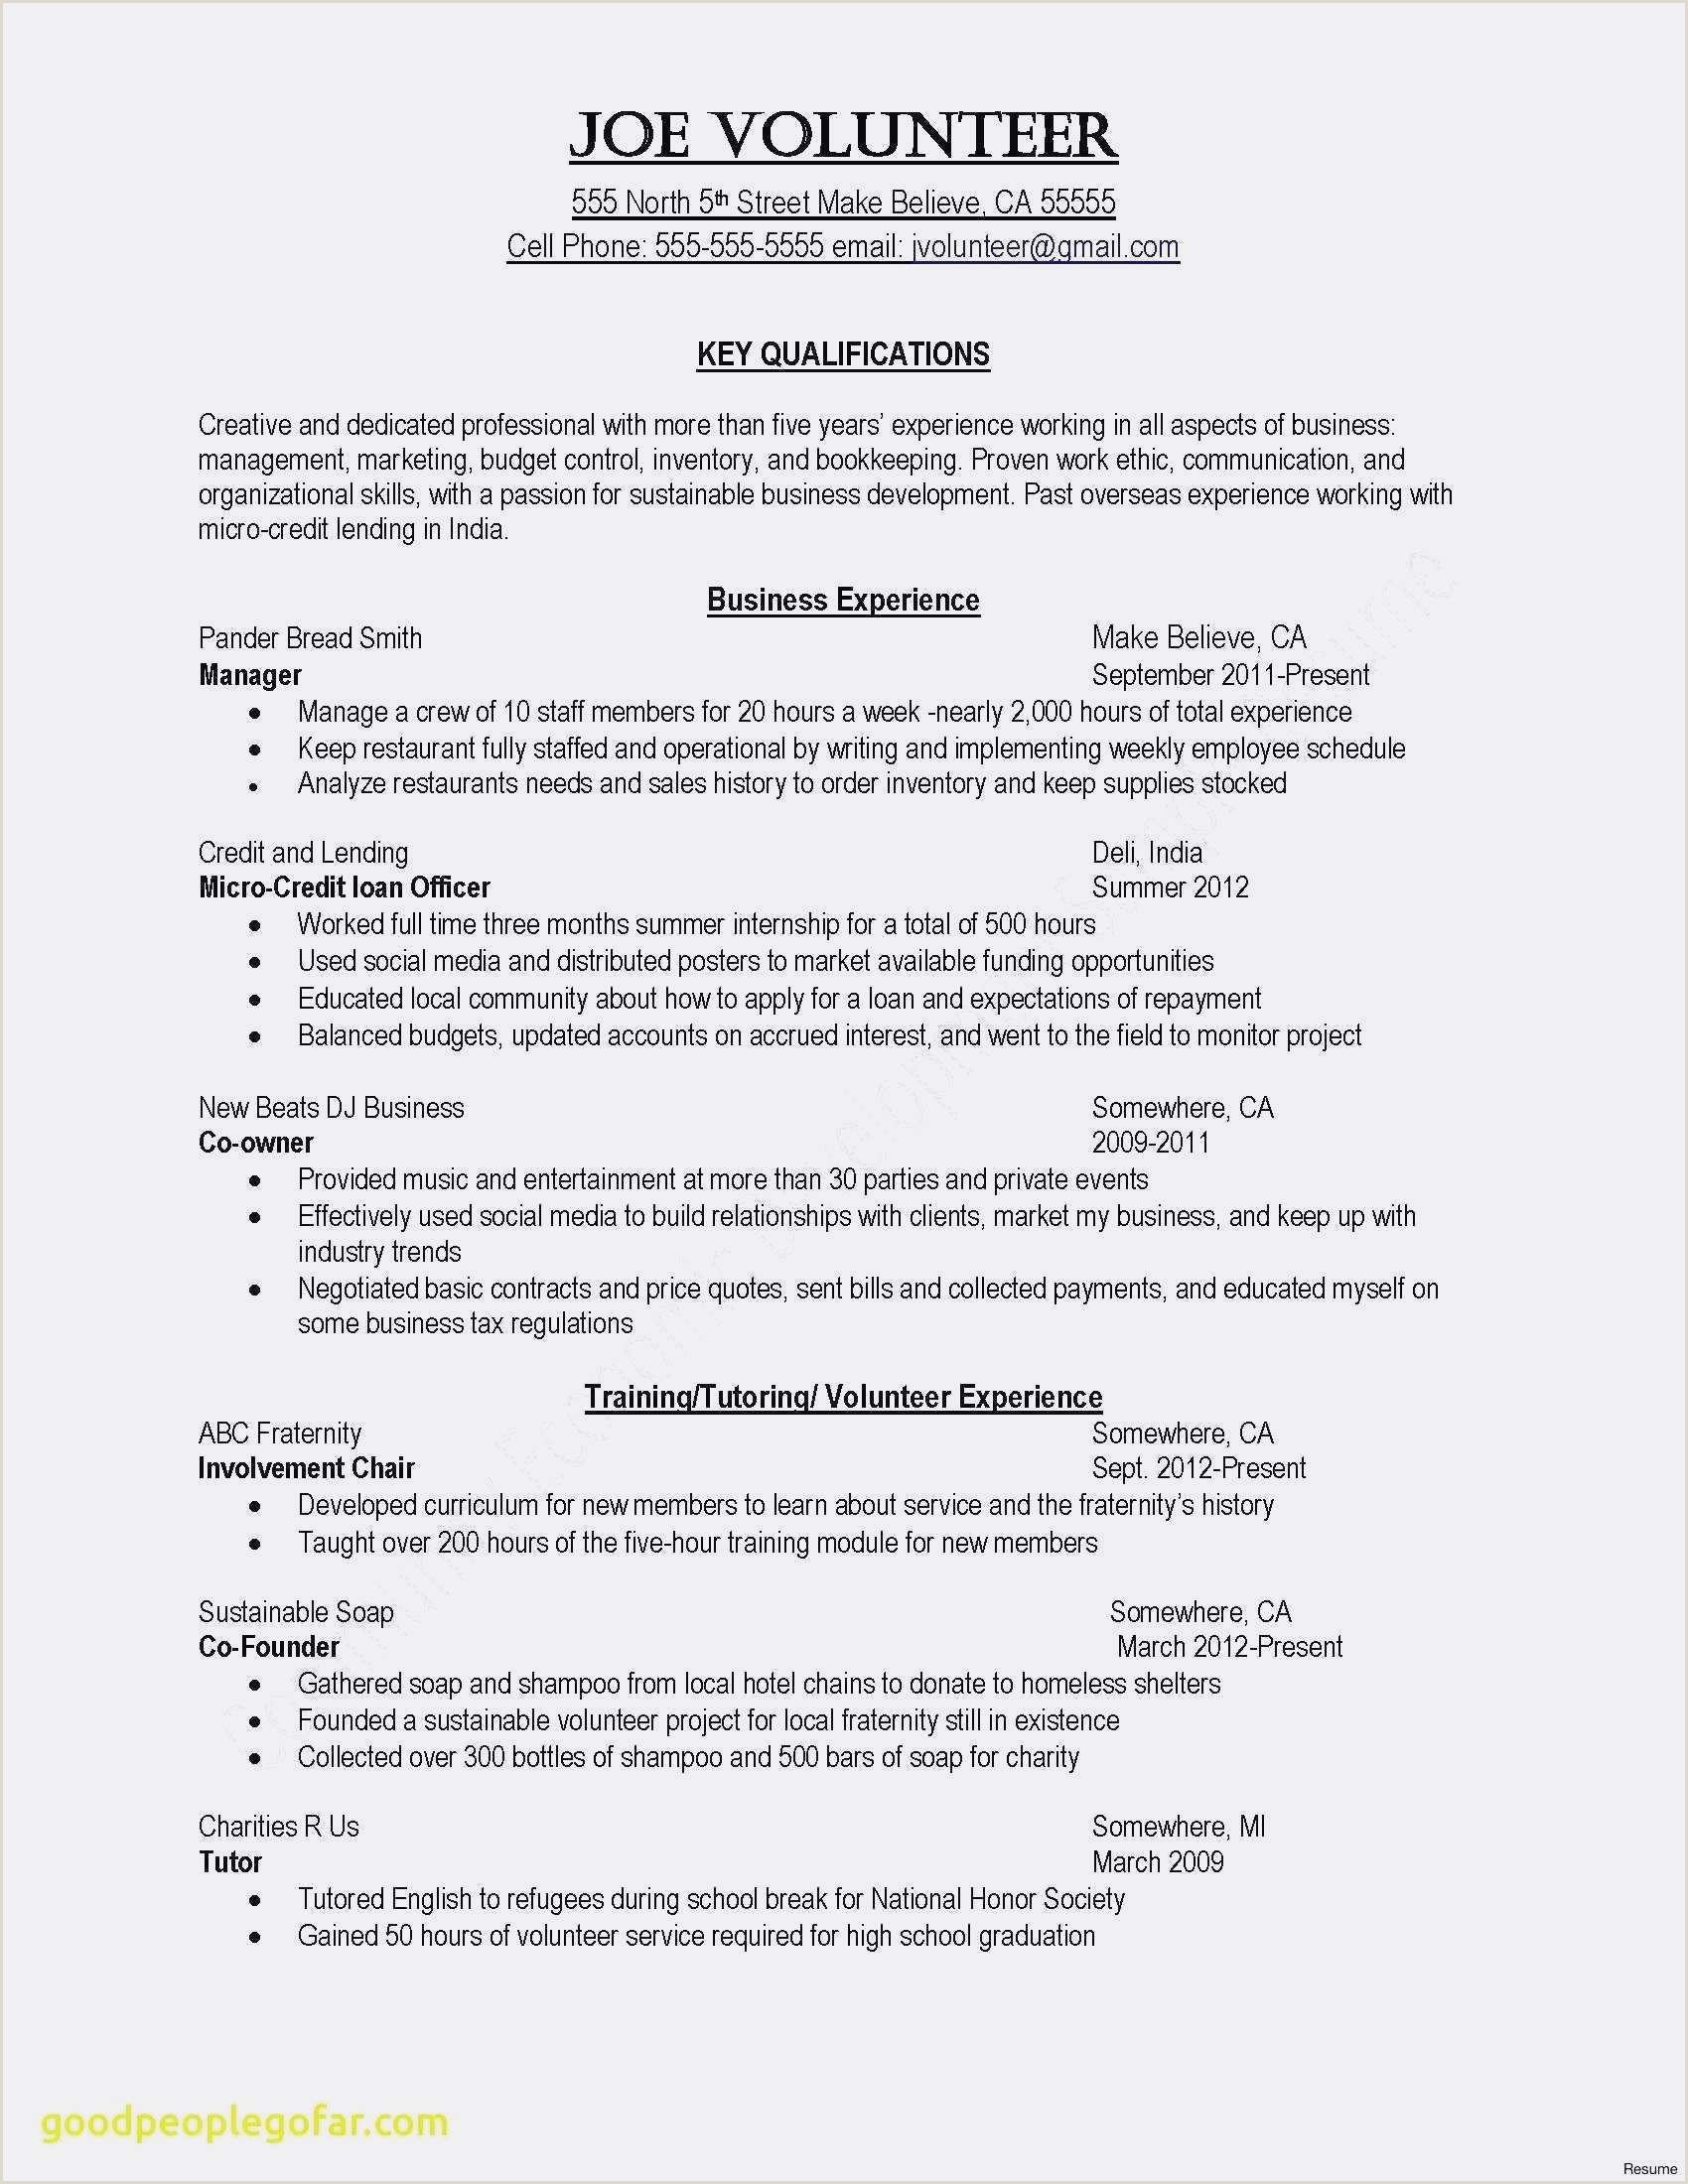 Exemple Cv Etudiant 16 Ans Mi3 Cv 16 Ans Exemple Fresh